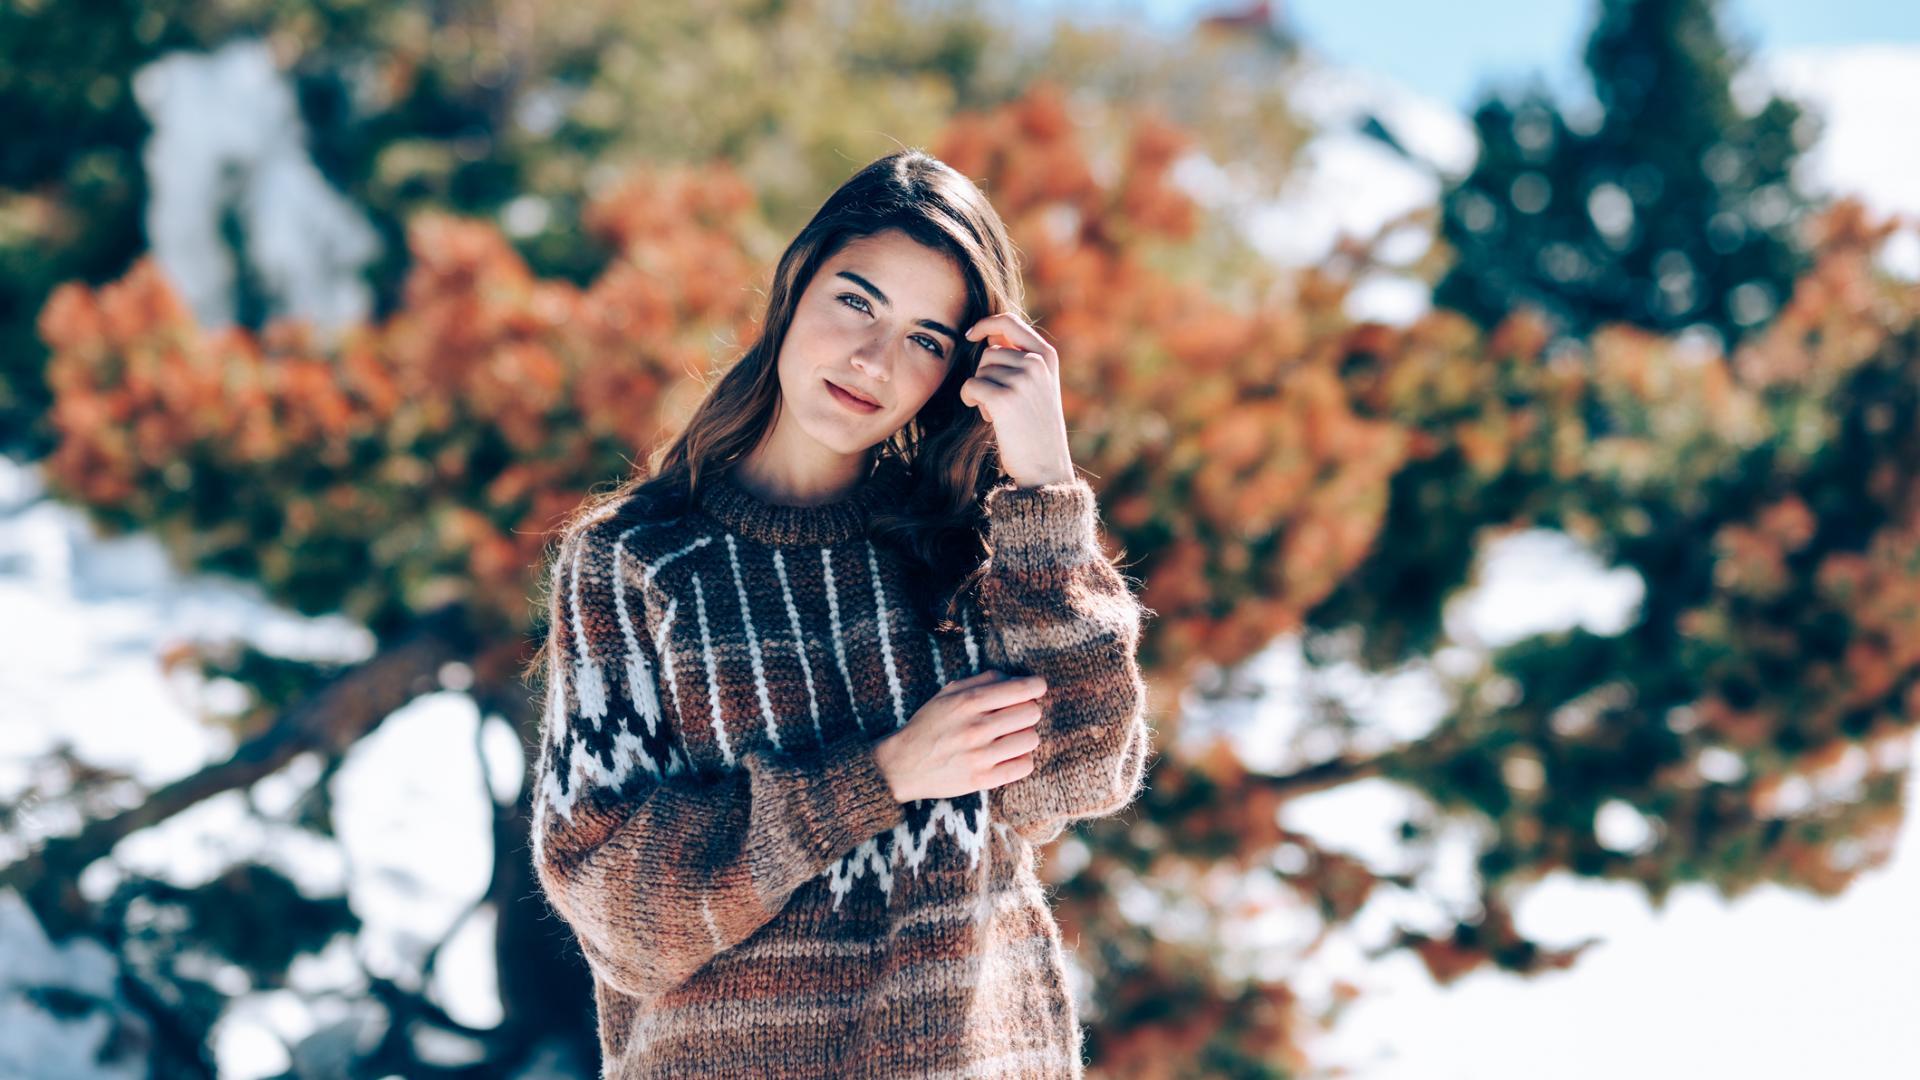 Creme für trockene Gaut für Frau im Schnee Winter Pullover Strick Pulli Beauty